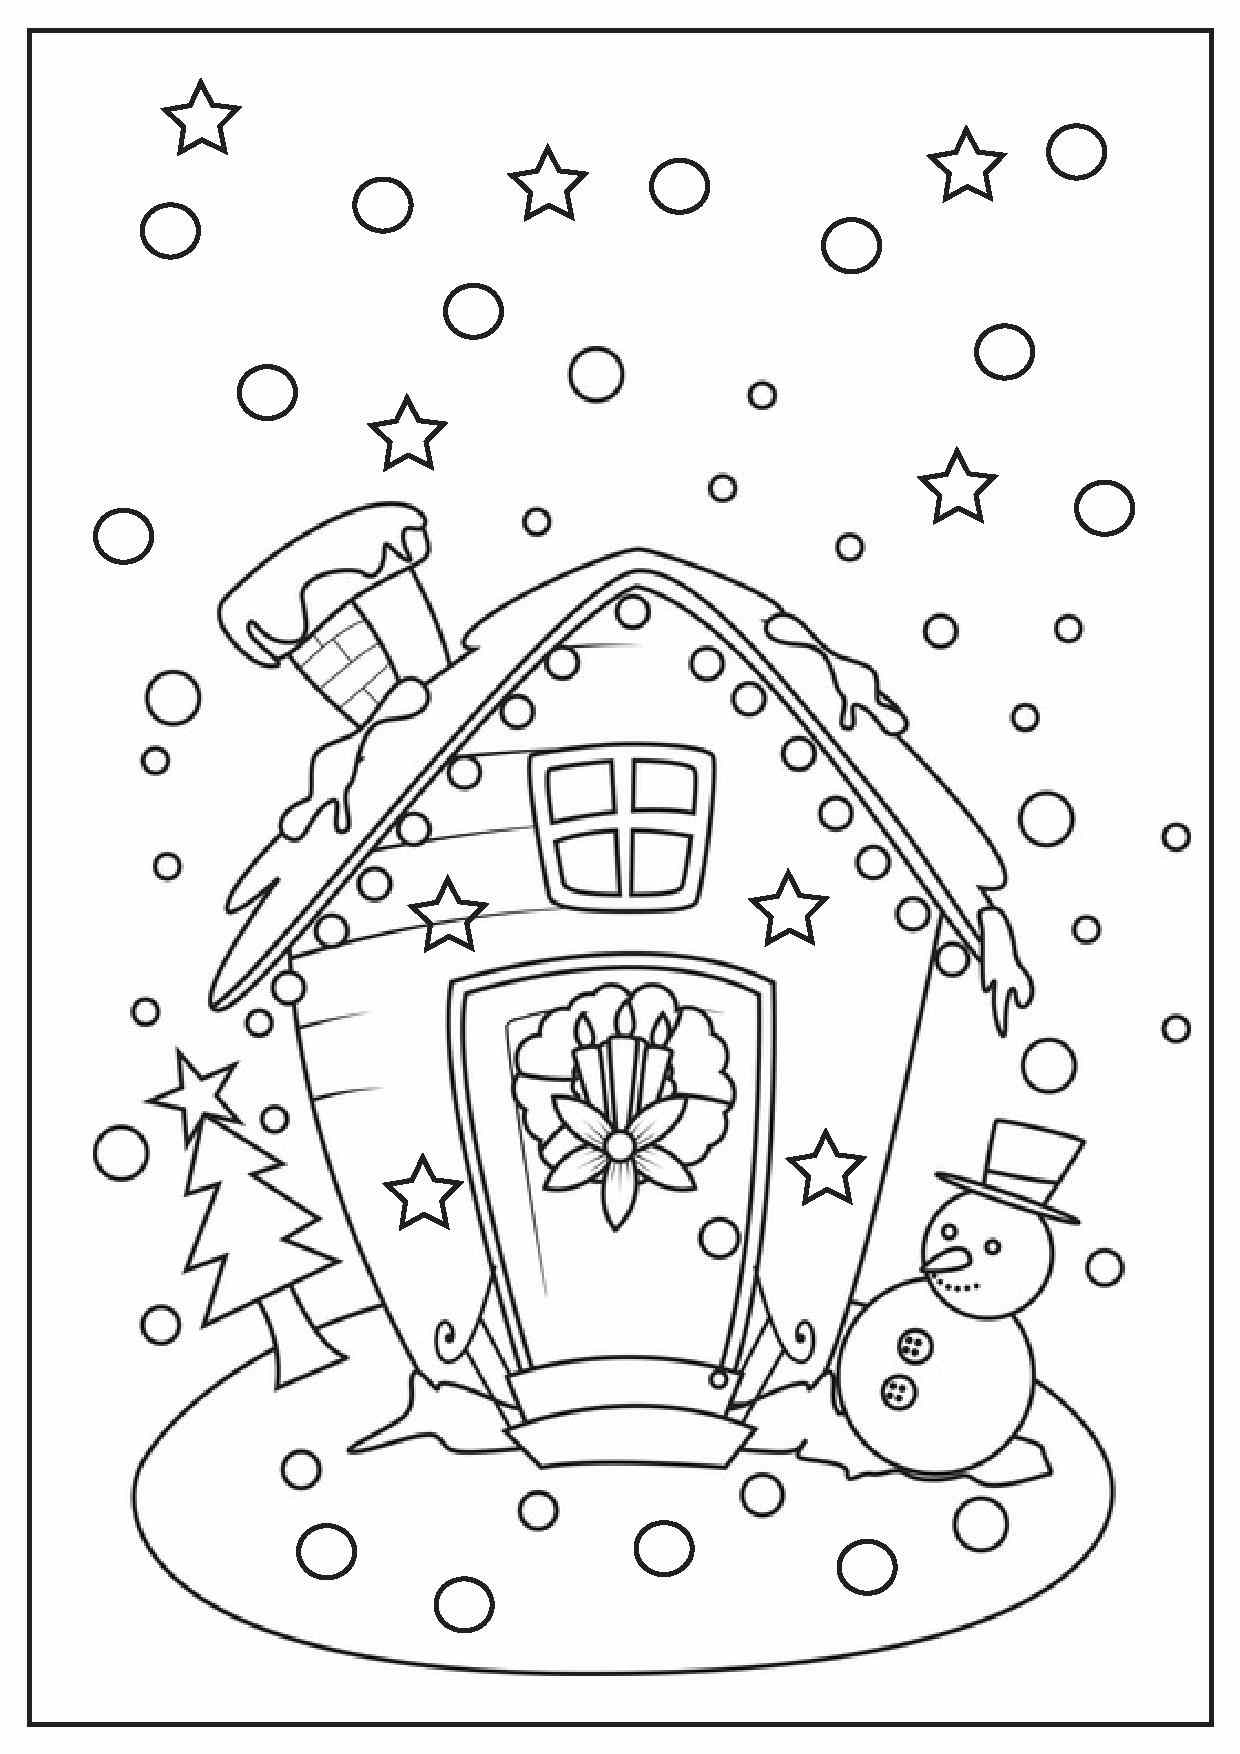 Printable Christmas Worksheets Activities - K5 Worksheets